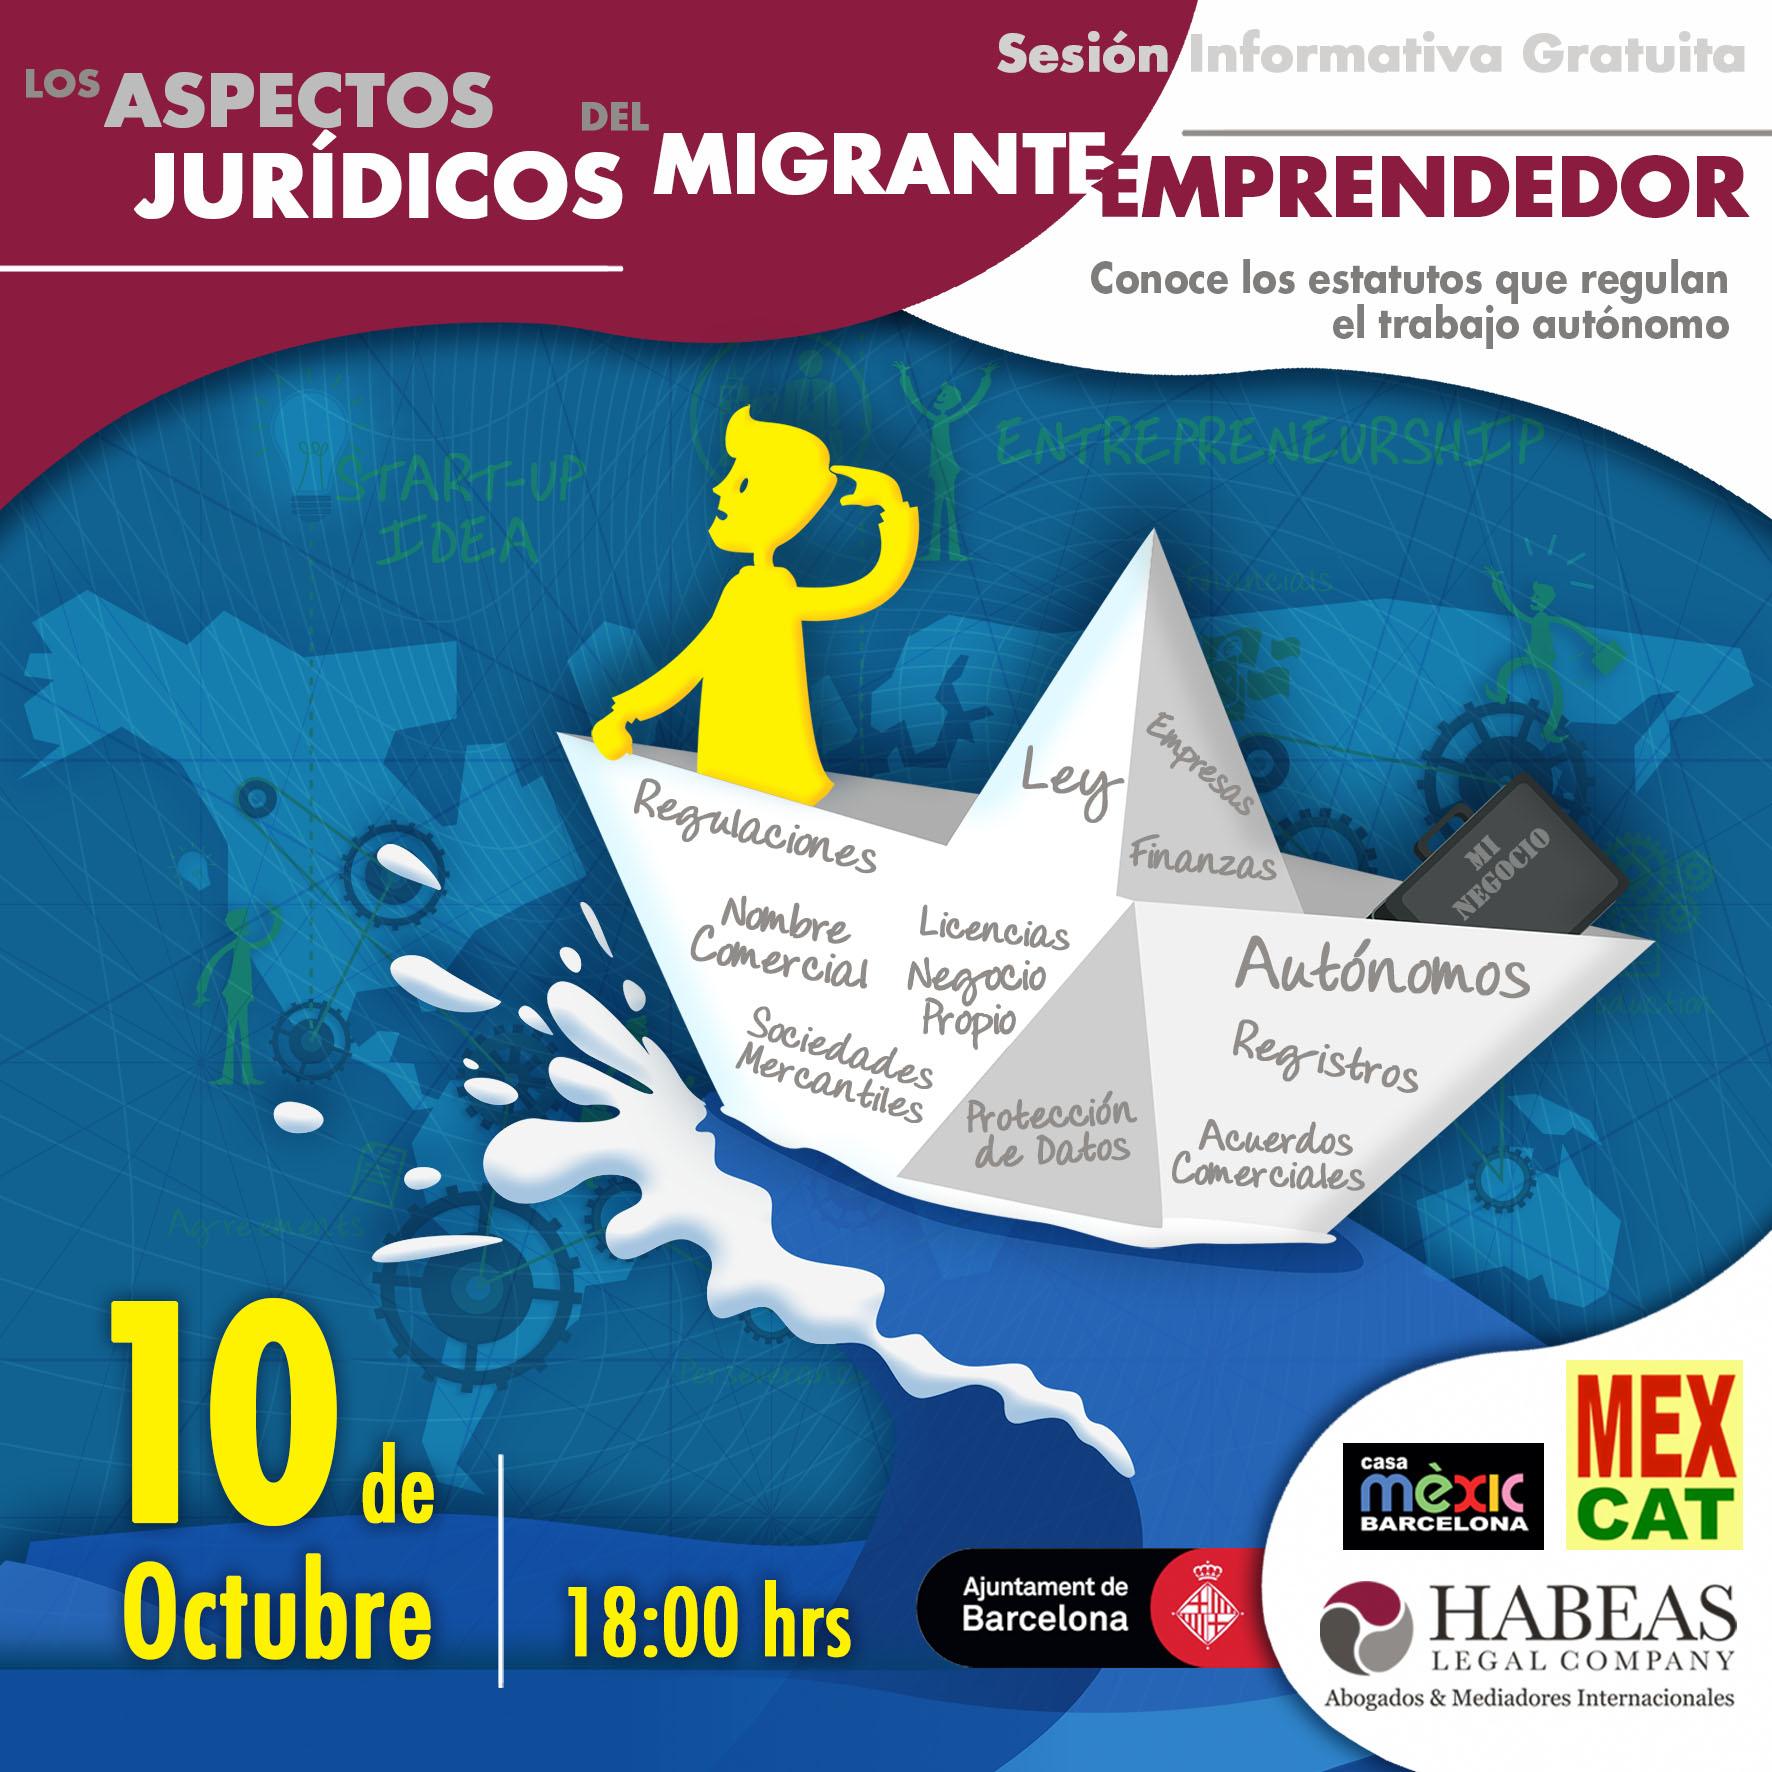 """Aspectos Jurídicos Emprendedor EVENTO calendar OCT - """"Los aspectos jurídicos del Migrante Emprendedor"""" - sesión Octubre 2019"""